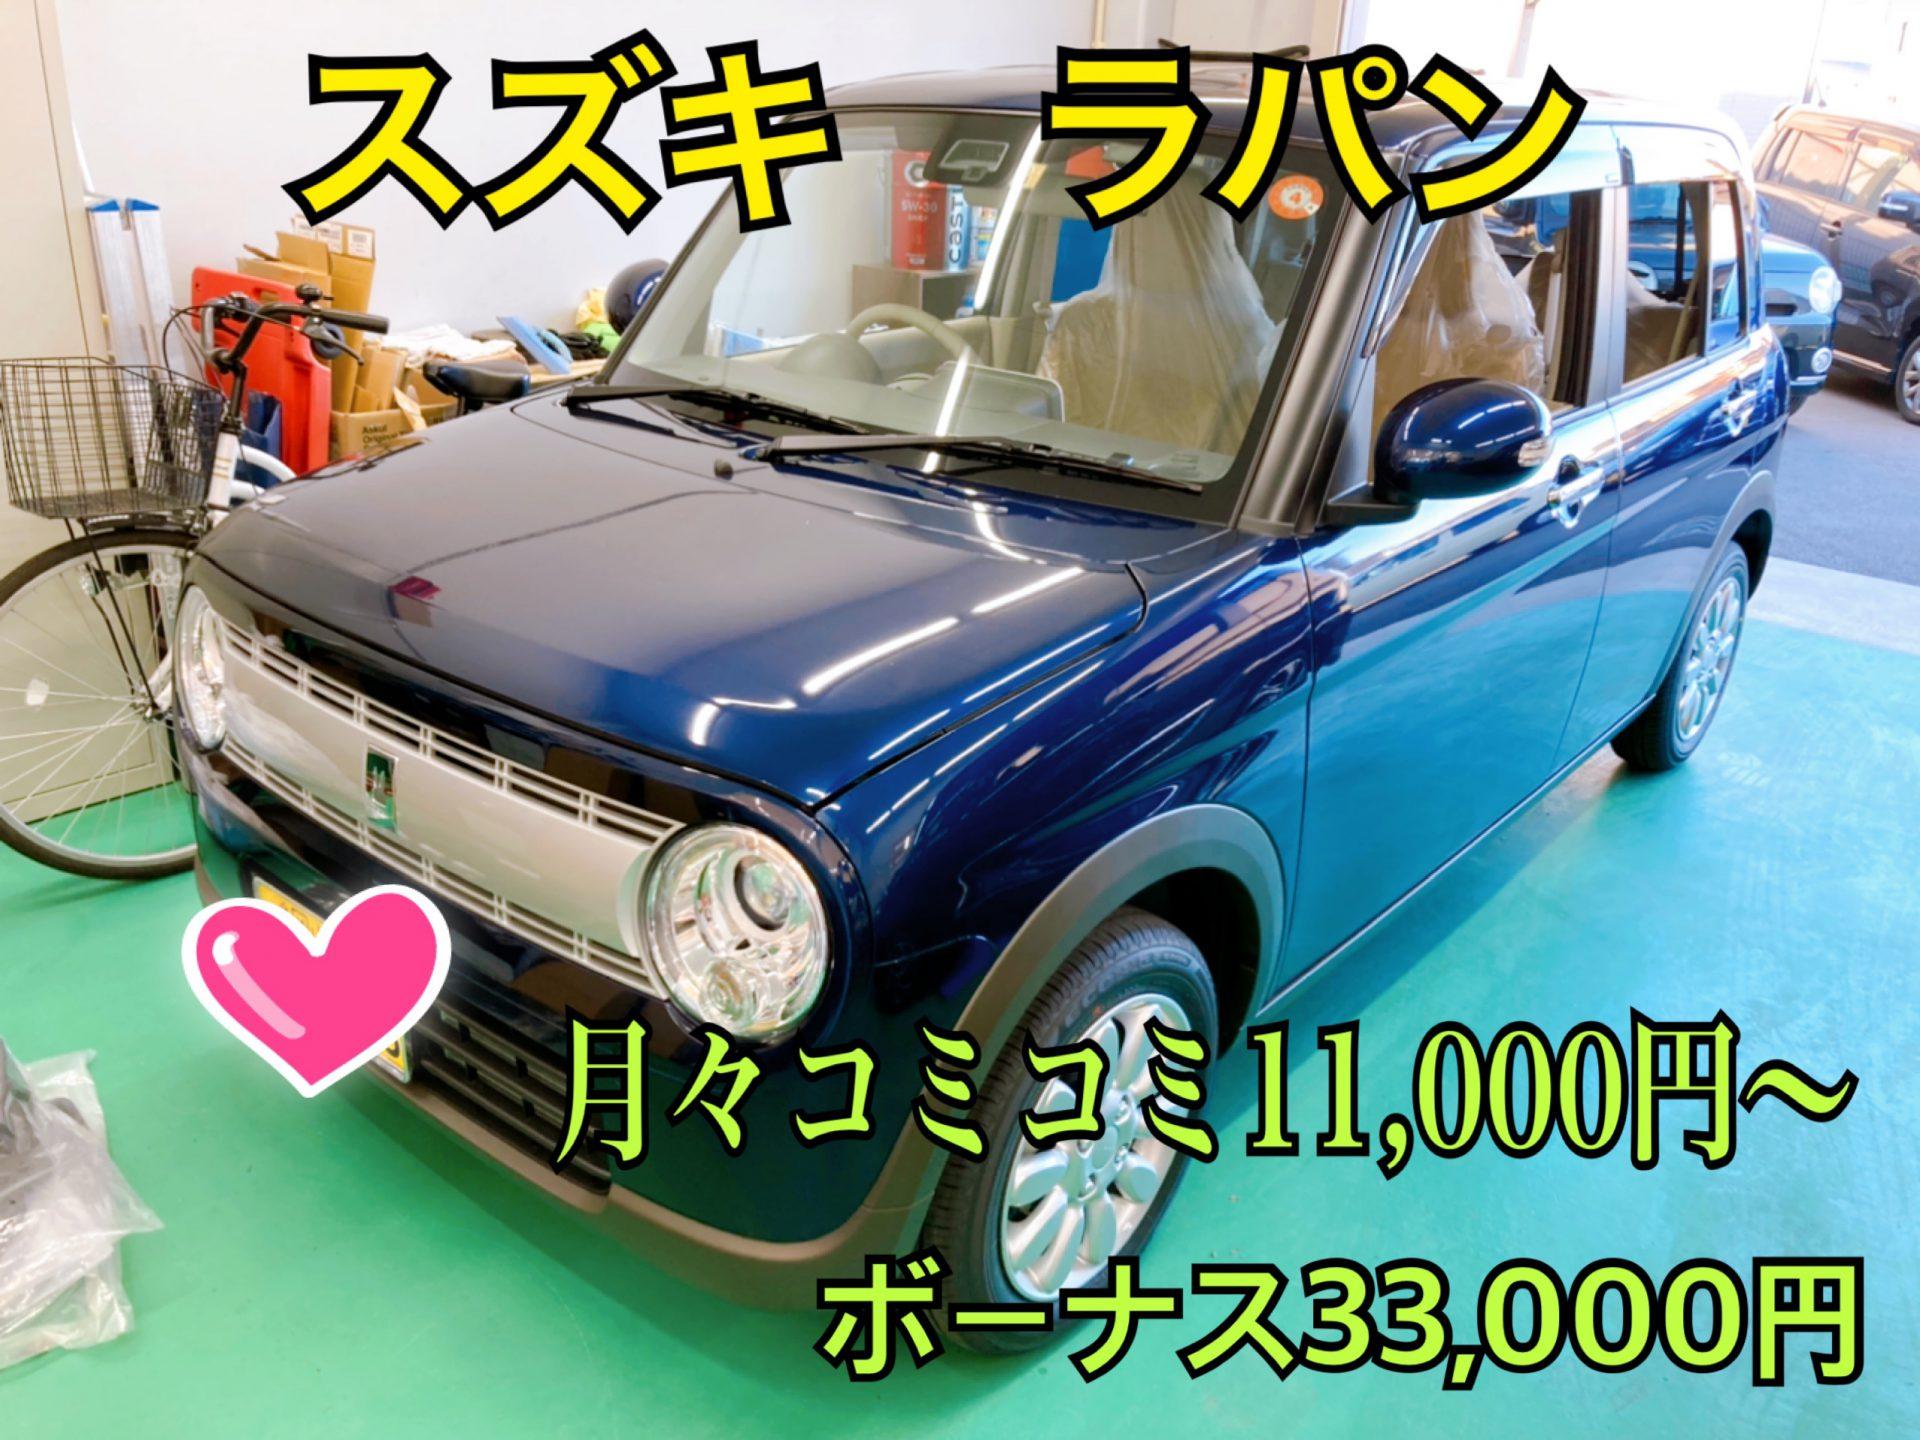 岡山市で新車のラパンが安いコバック!!!